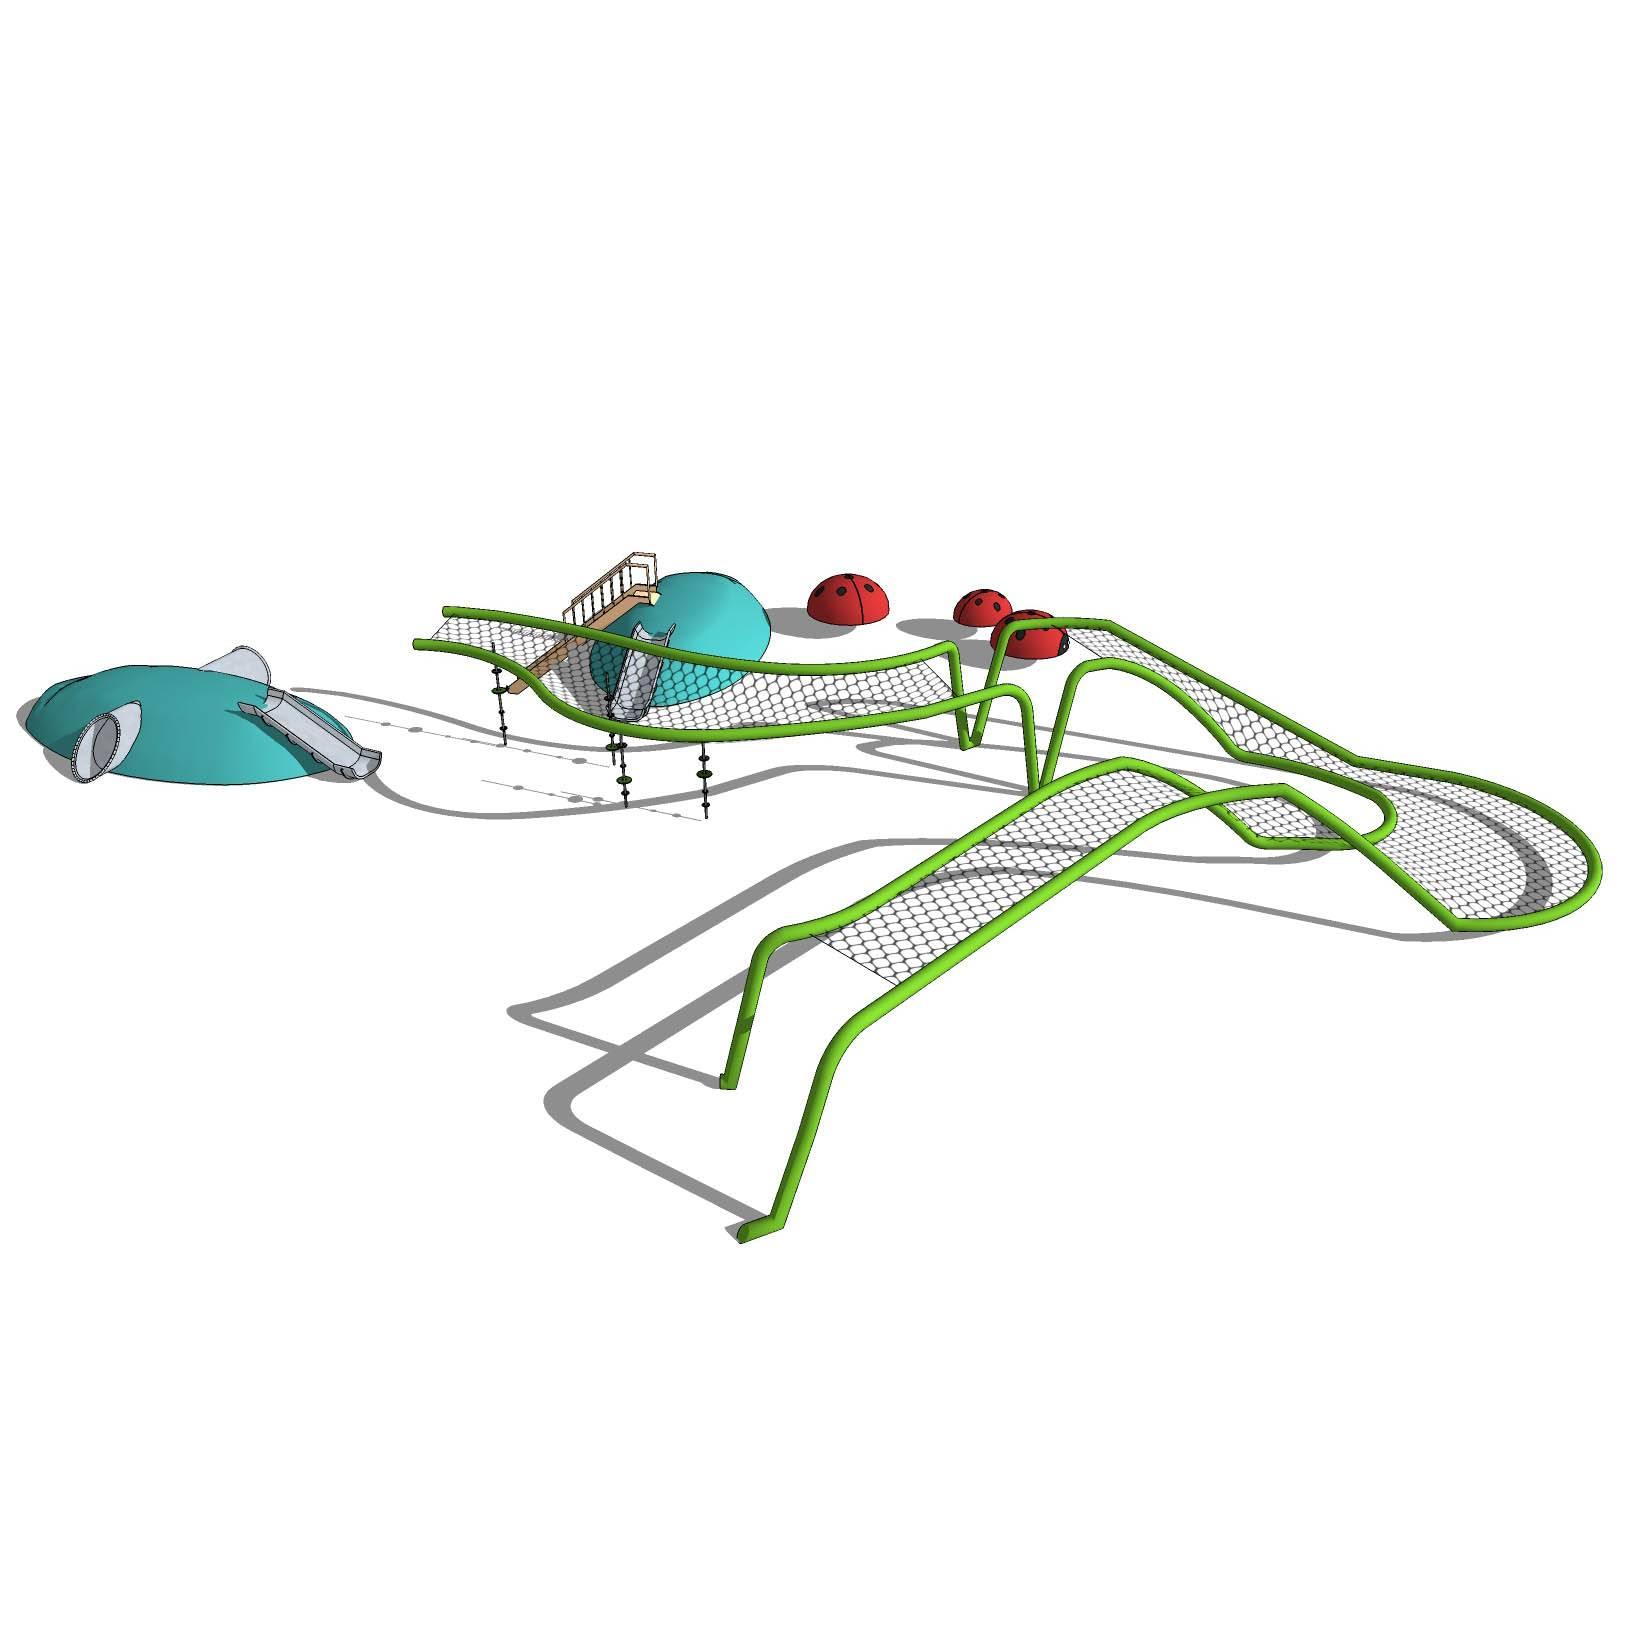 幼儿园 游乐场 隧道 儿童 纱网 滑滑梯 游乐设施 运动